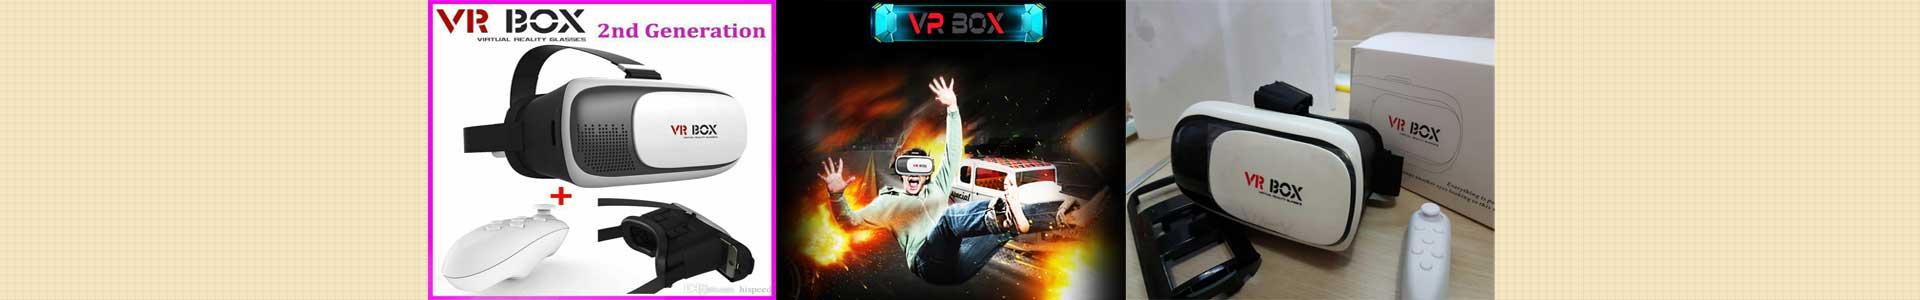 فروش عمده خرید دوربین واقعیت مجازی وی آر باکس vr box قیمت فوق العاده